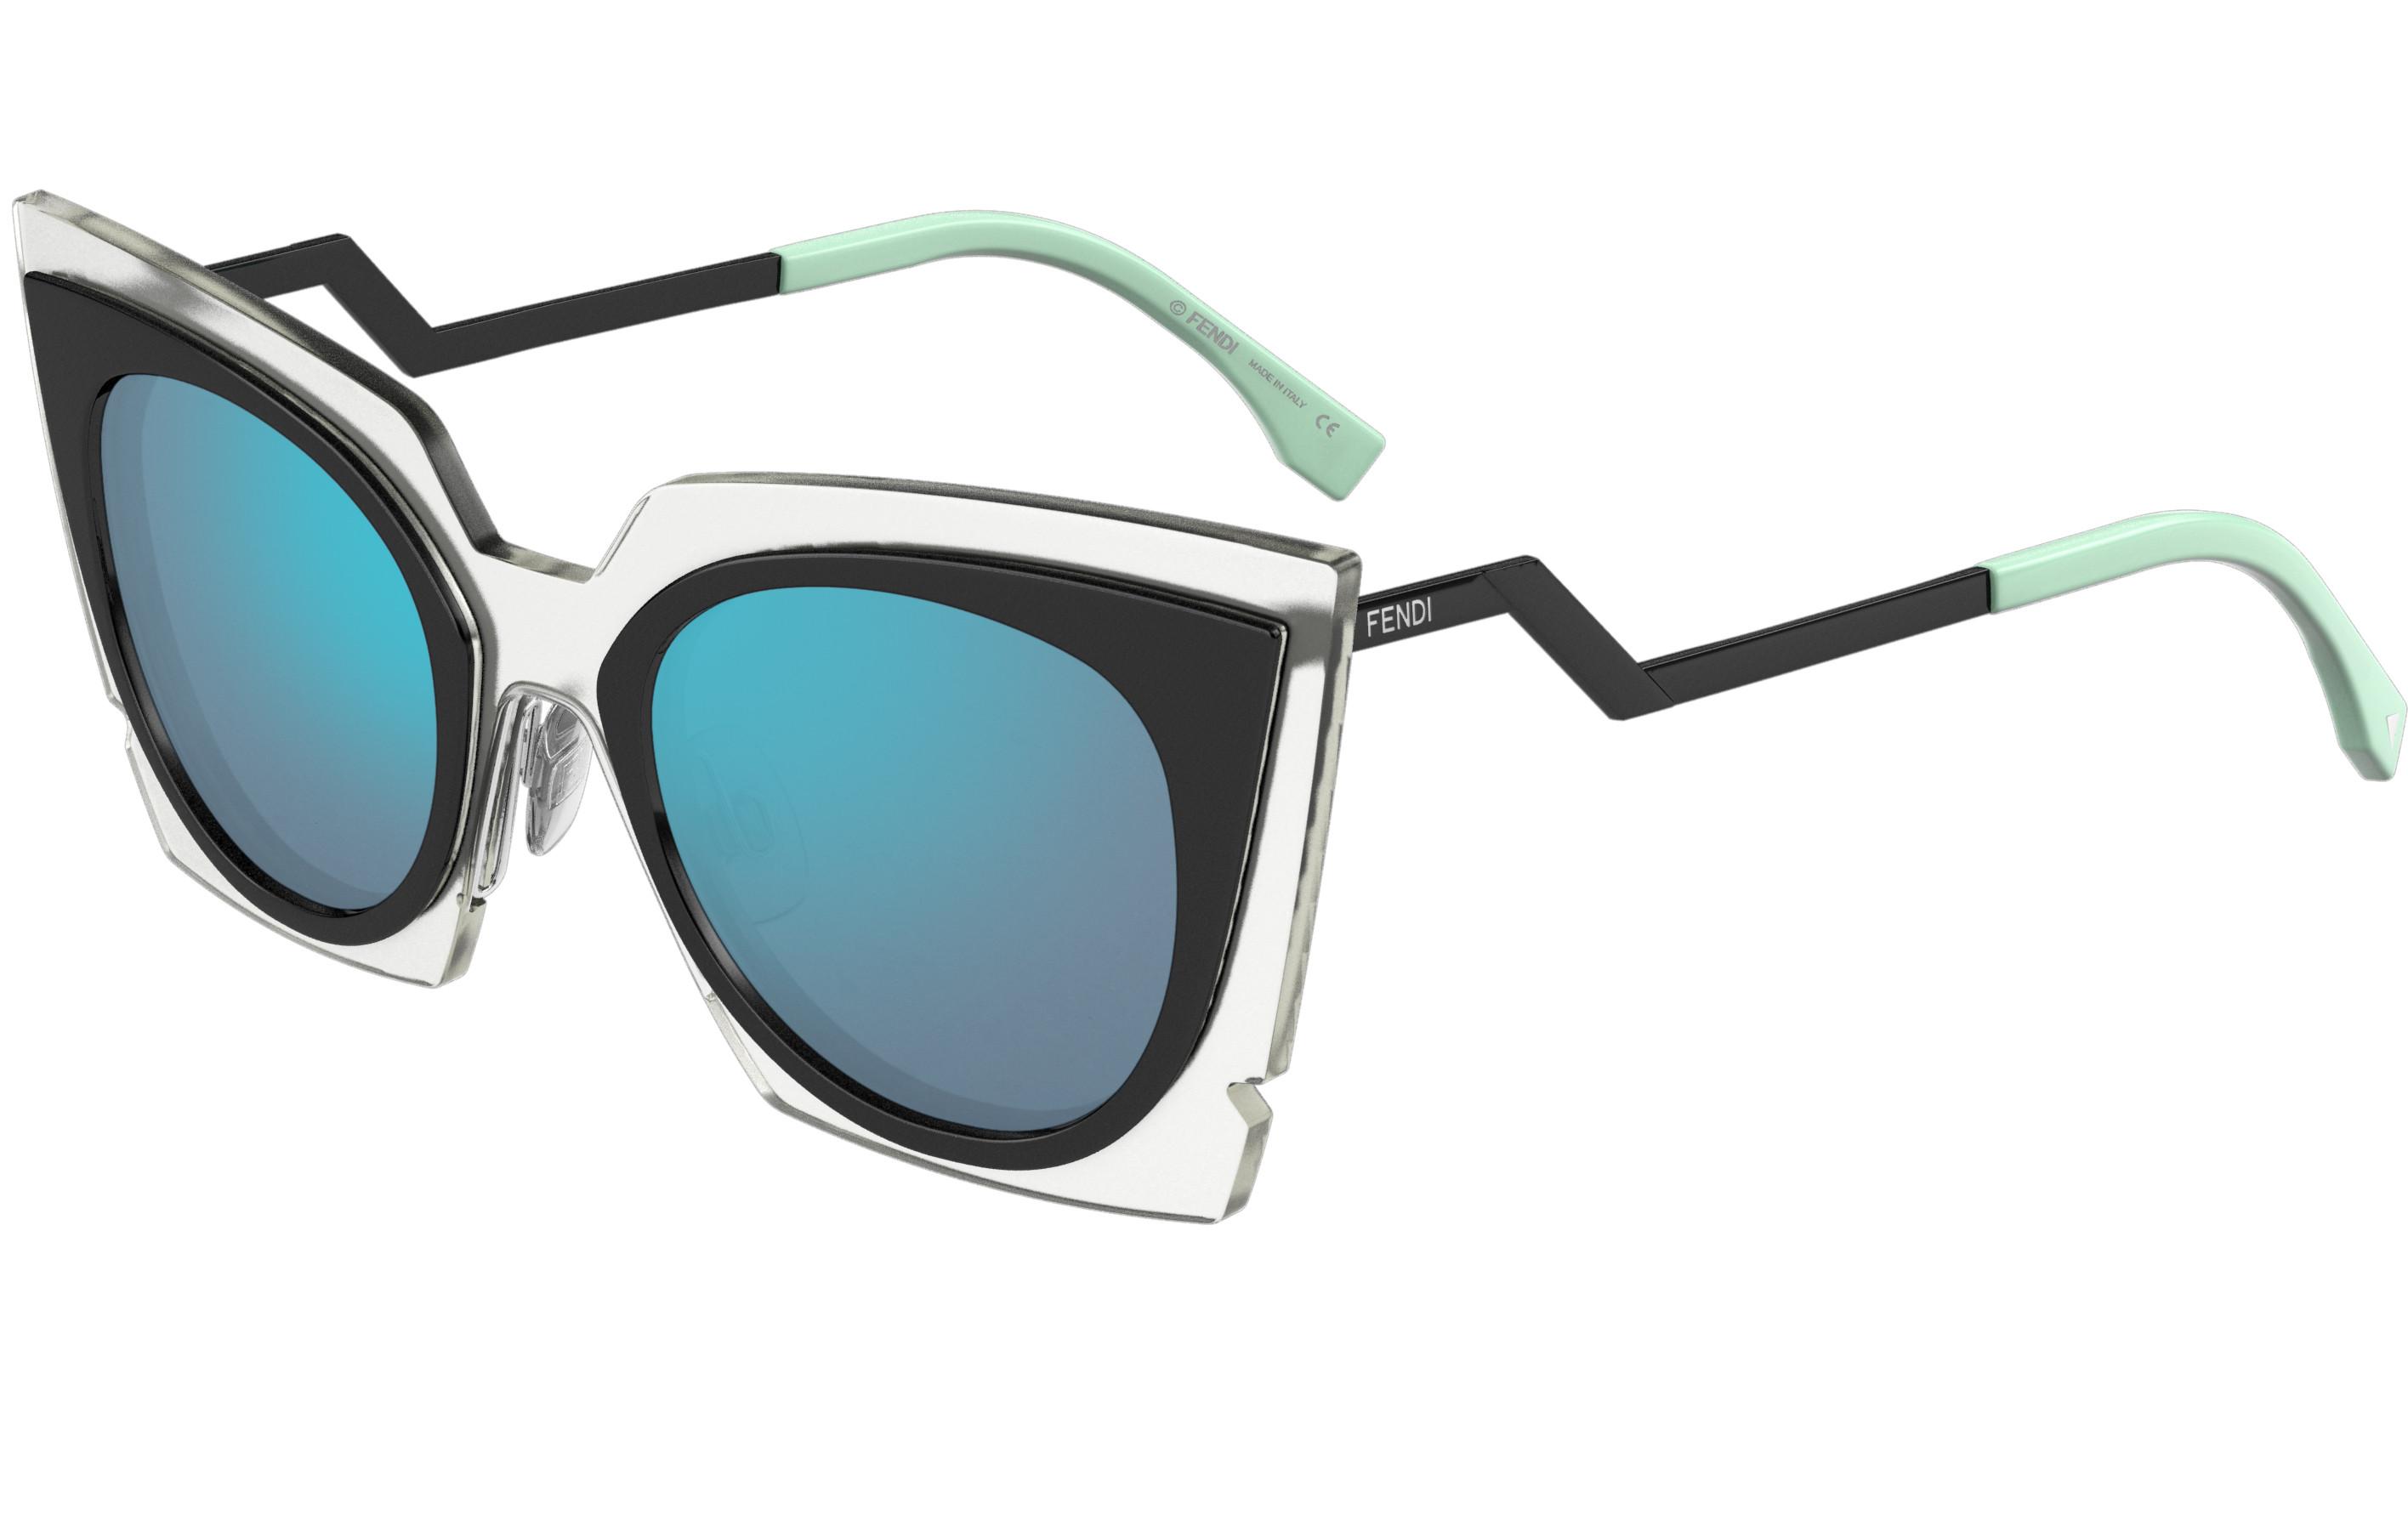 01_FENDI SS2015_Orchidea Sunglasses